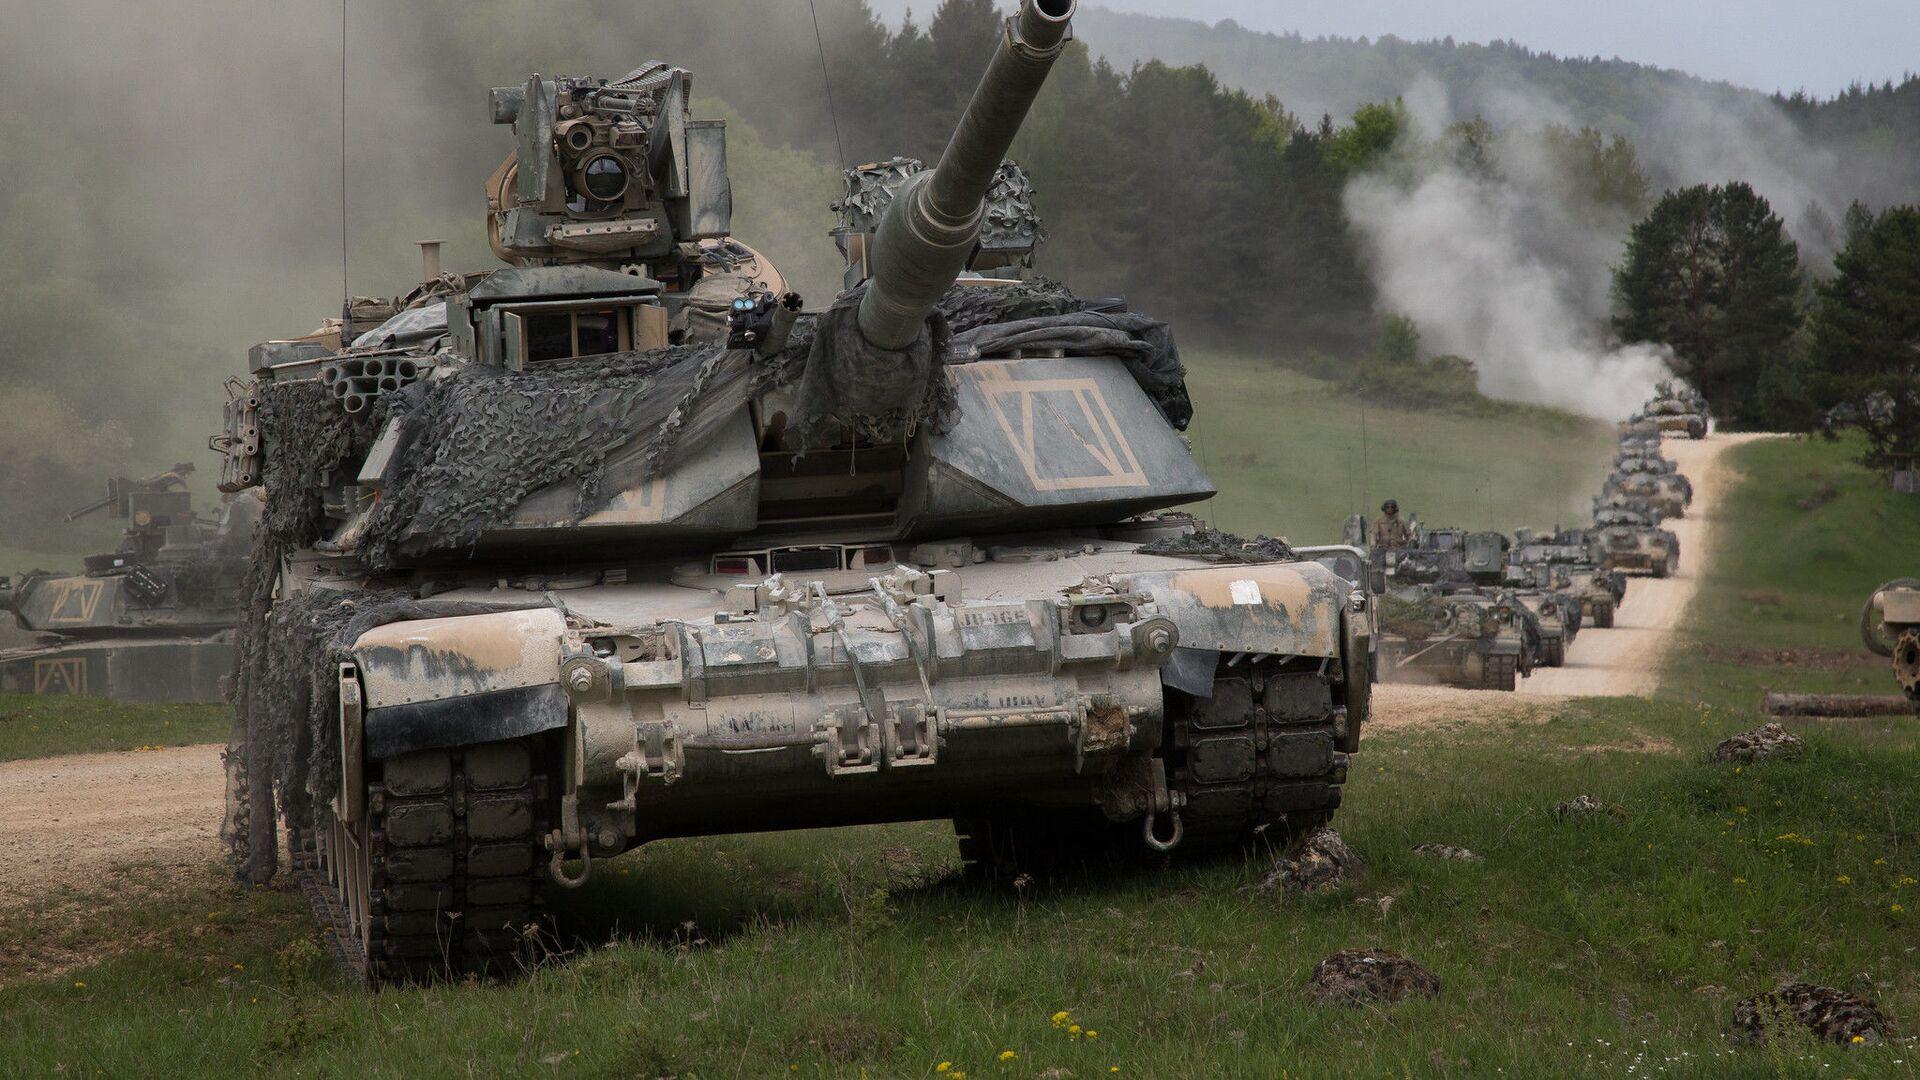 Колонна танков M1 Abrams, архивное фото - Sputnik Беларусь, 1920, 24.09.2021